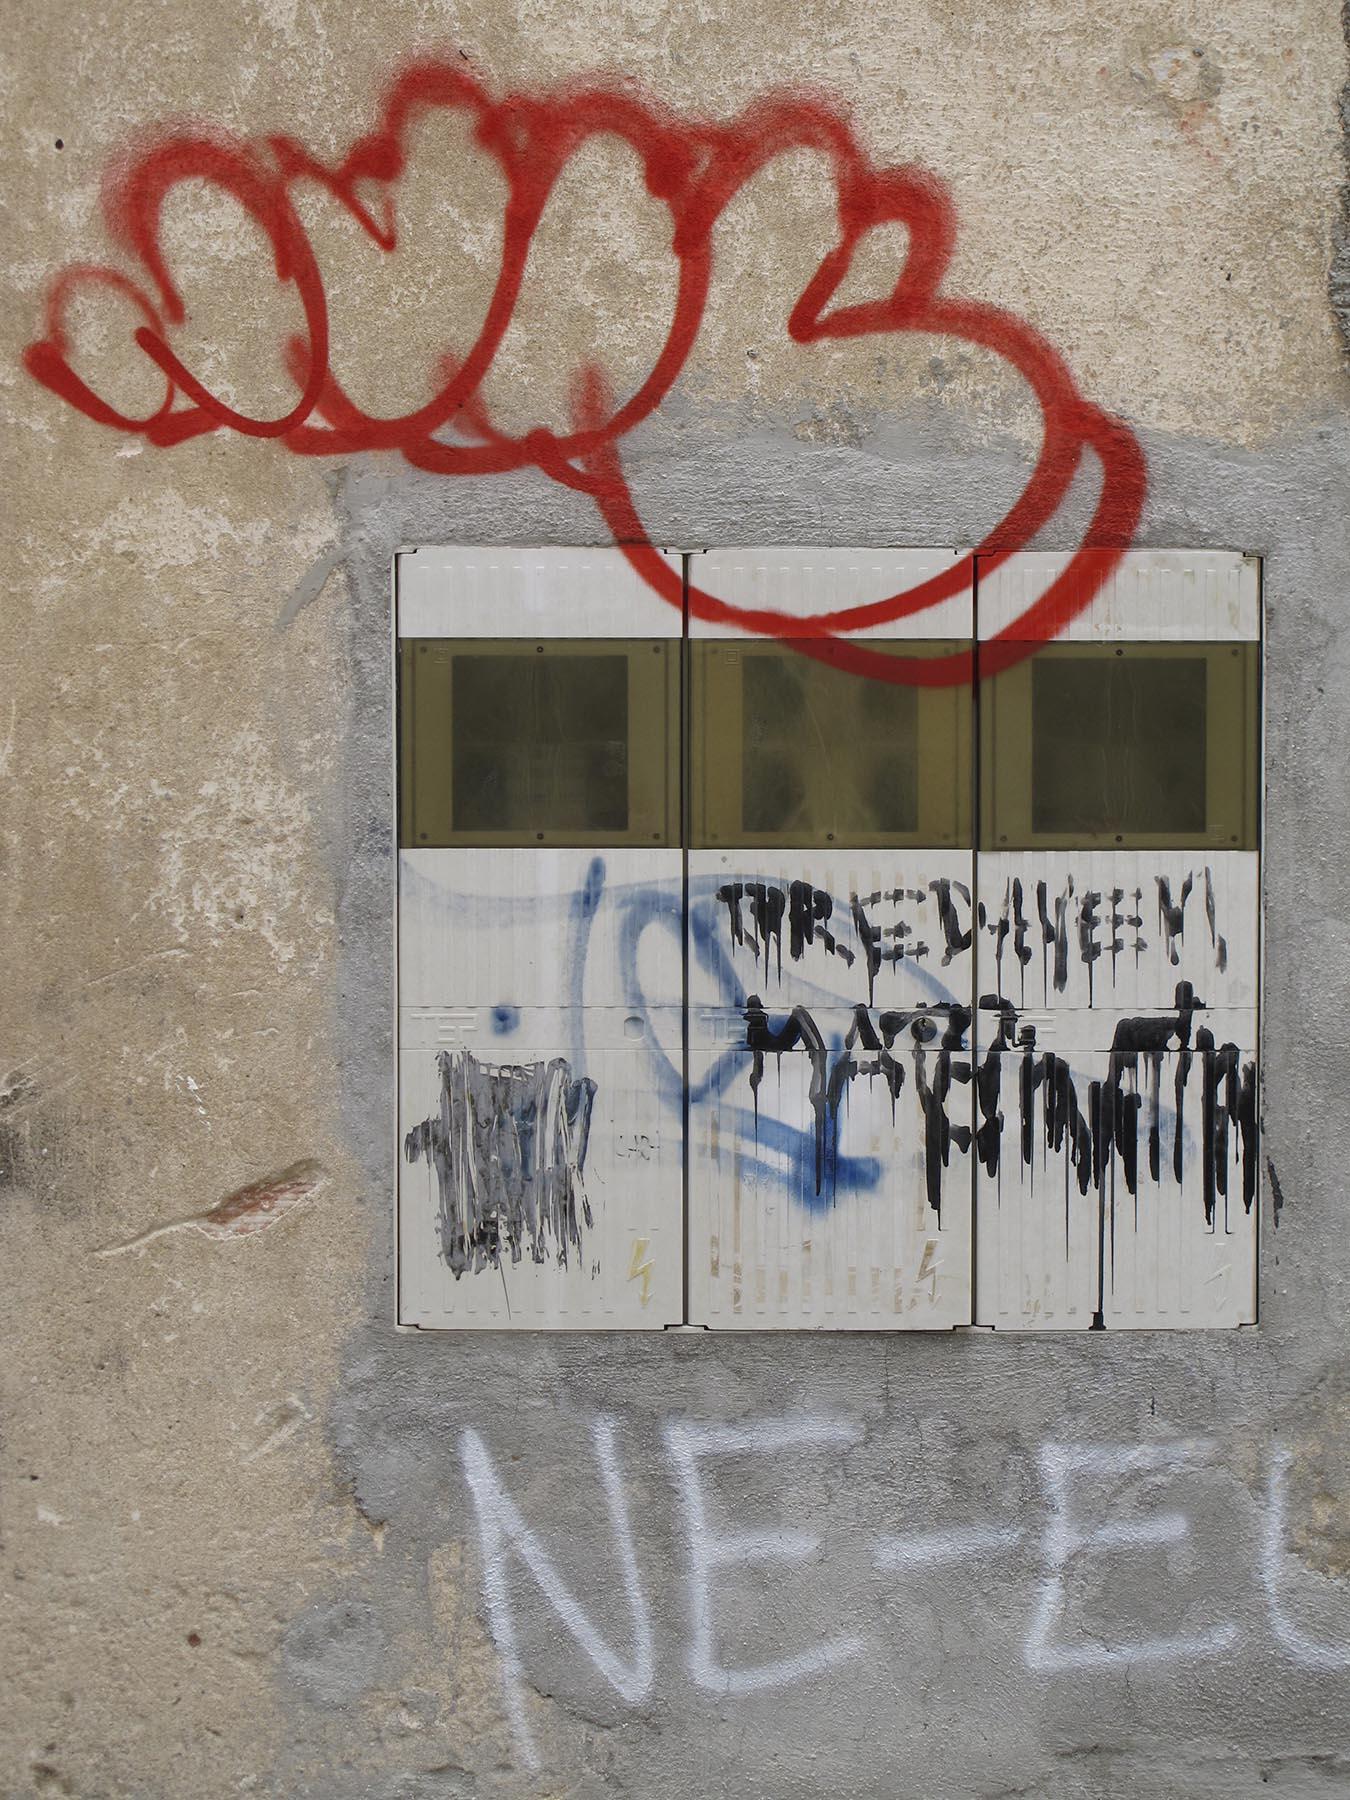 Croatia 06 BANKTM @bank_graphic_design_today lo